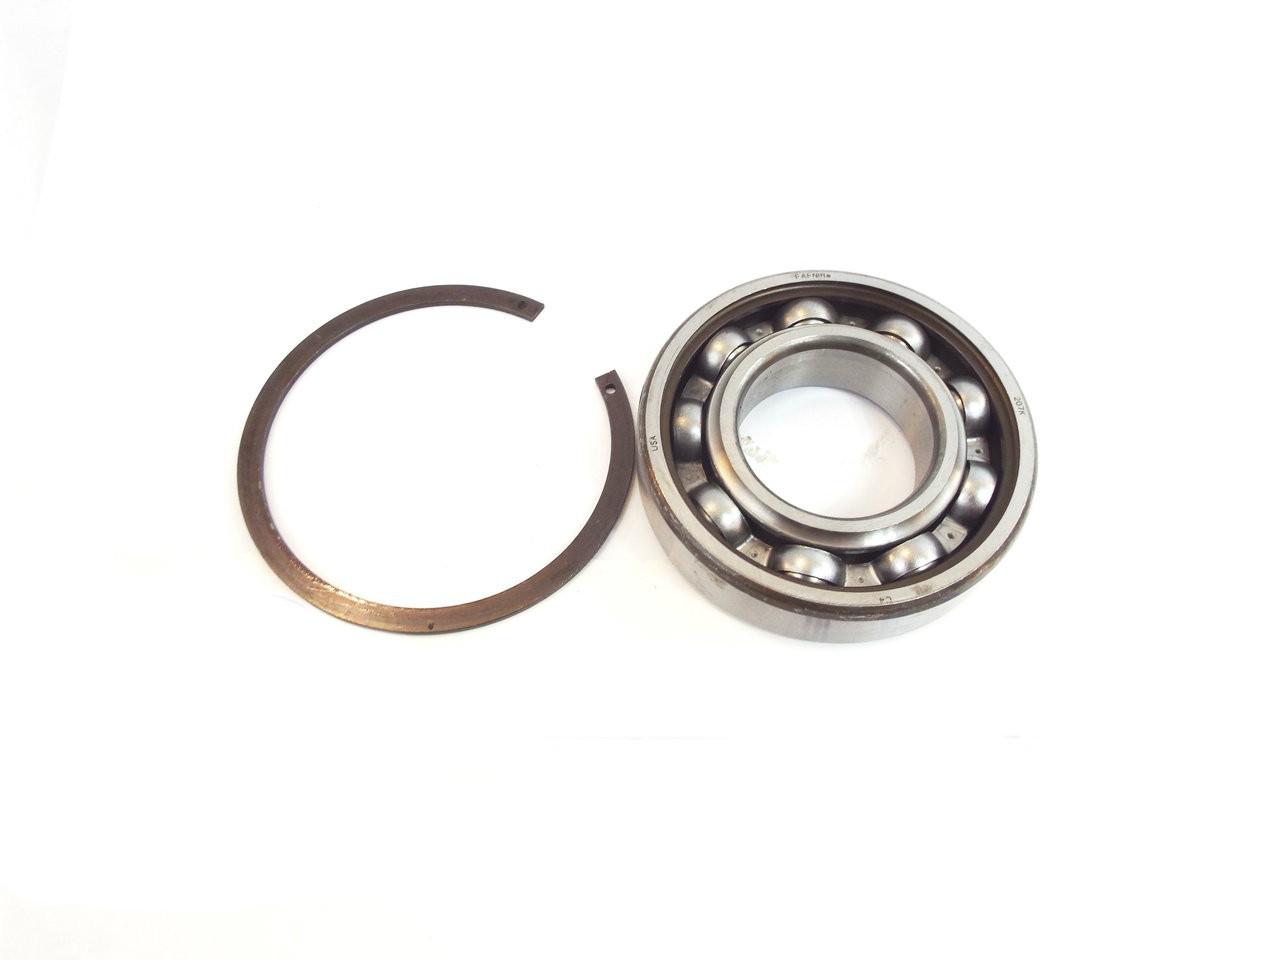 NP 231 Snap Ring Output Bearing